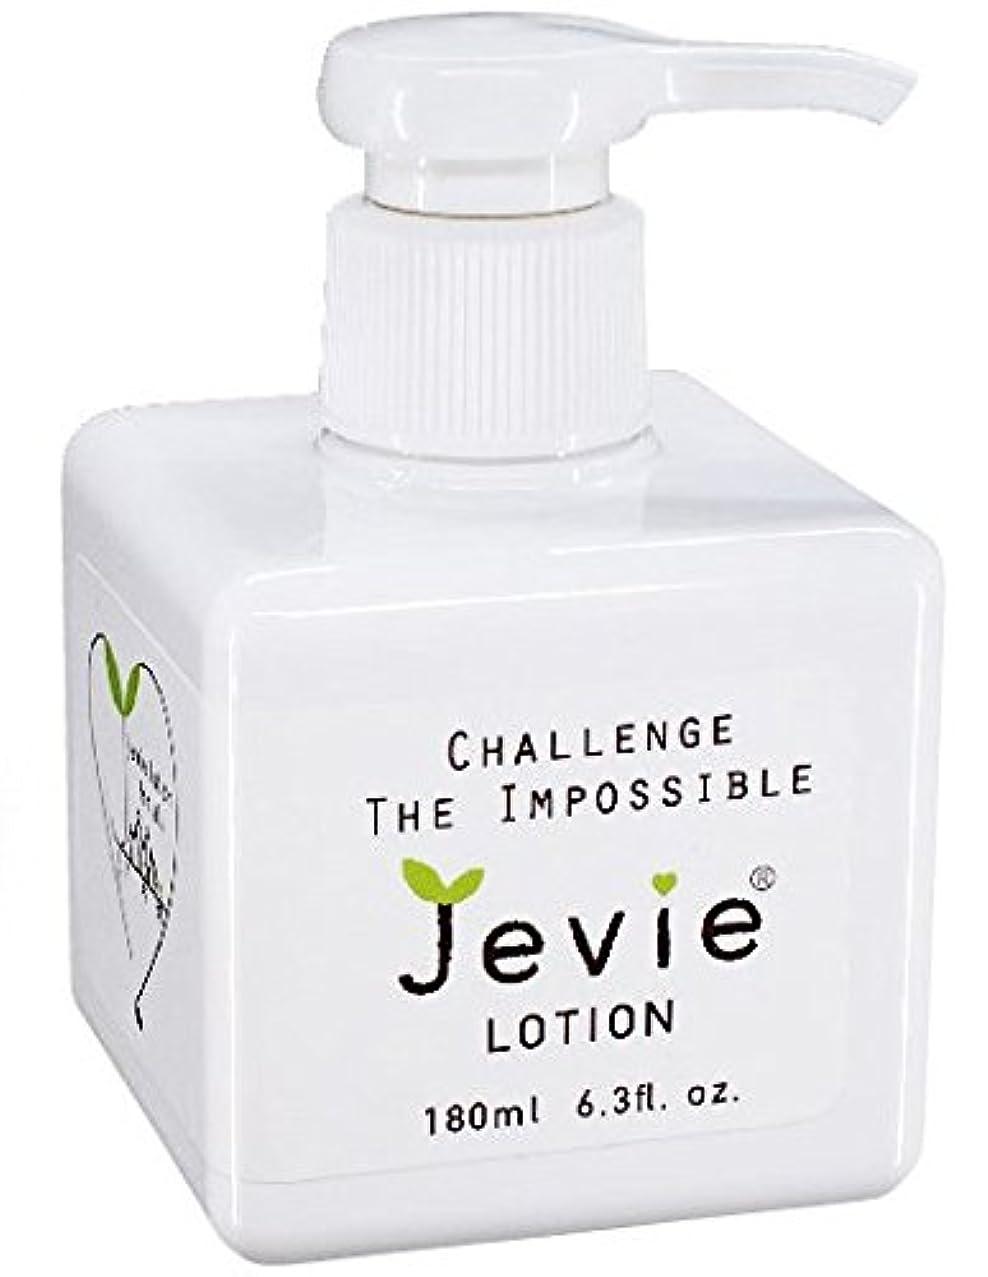 フラップ大人レイアウトジェヴィローション(Jevie Lotion)